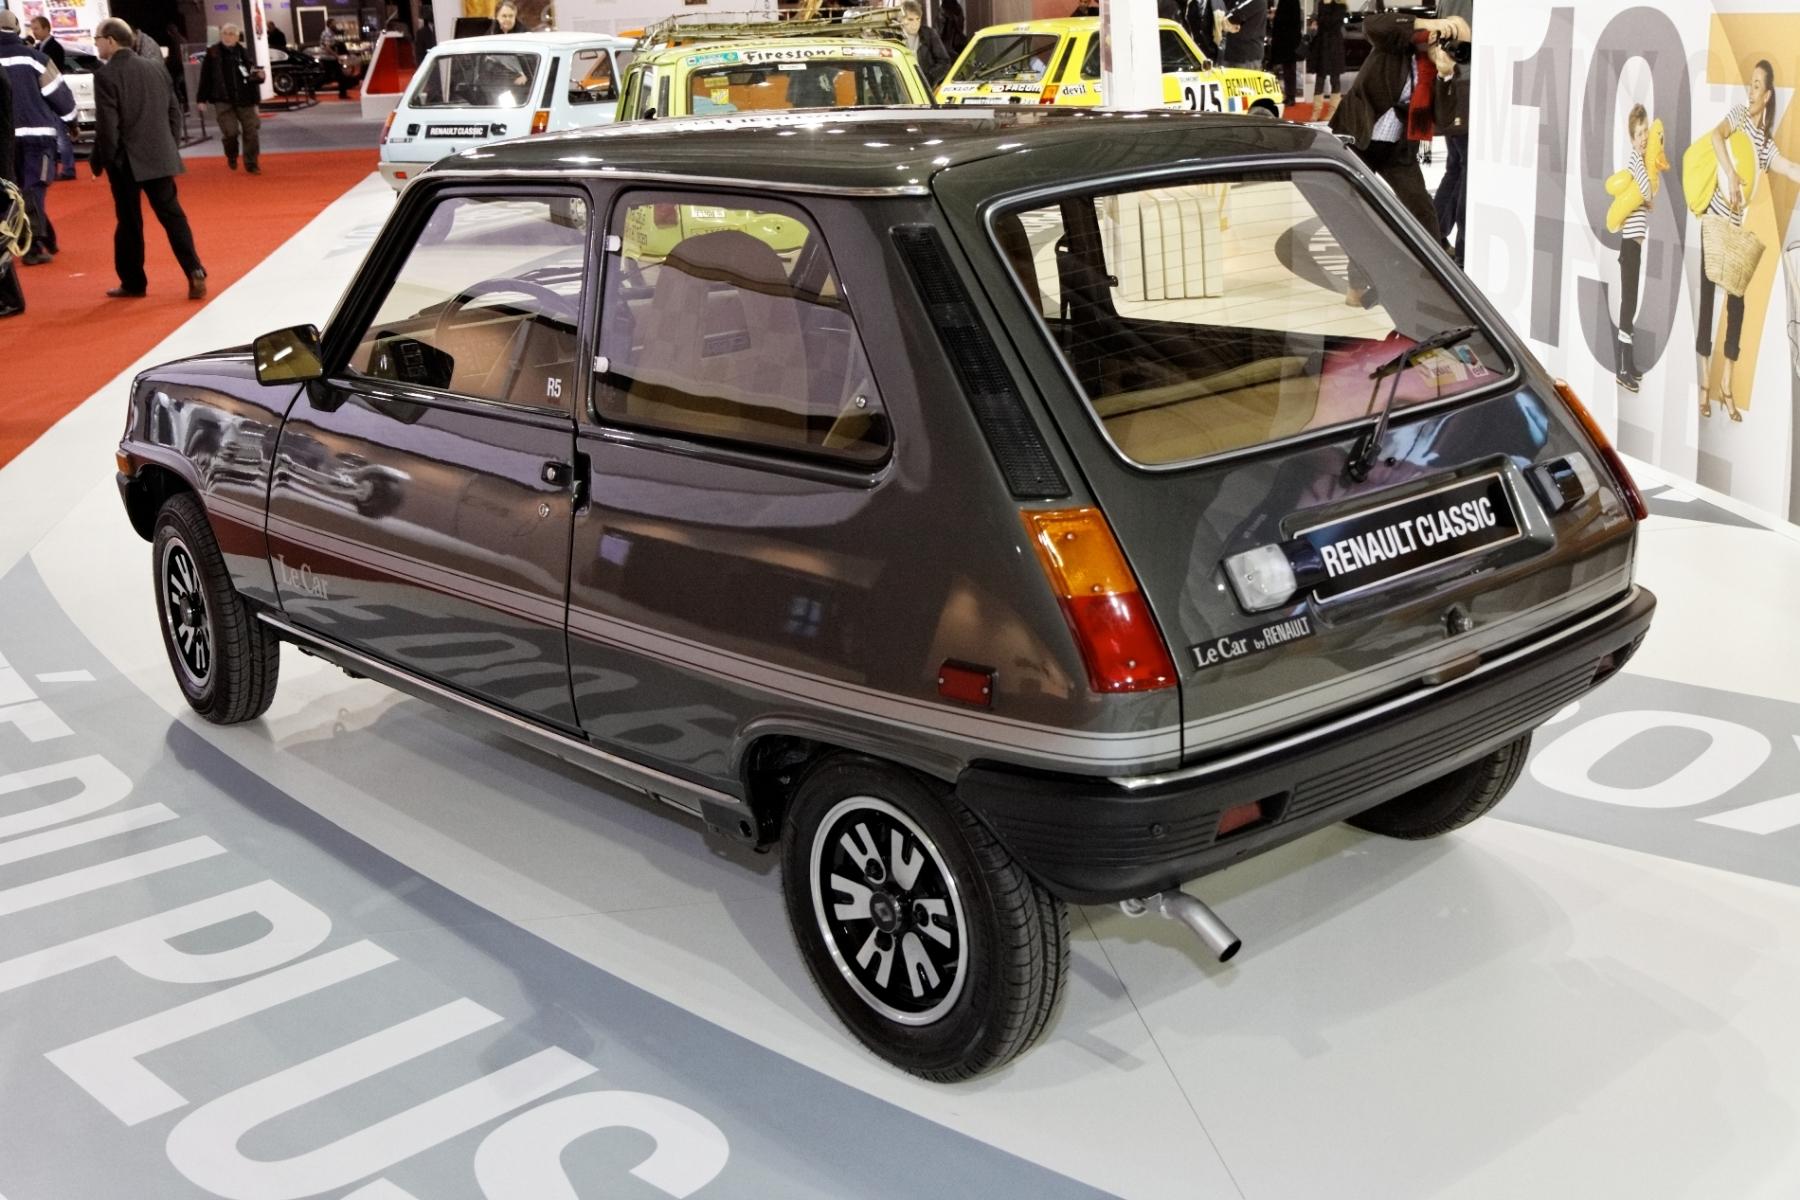 Renault 5 : réussite technique et esthétique confirmée par un succès commercial